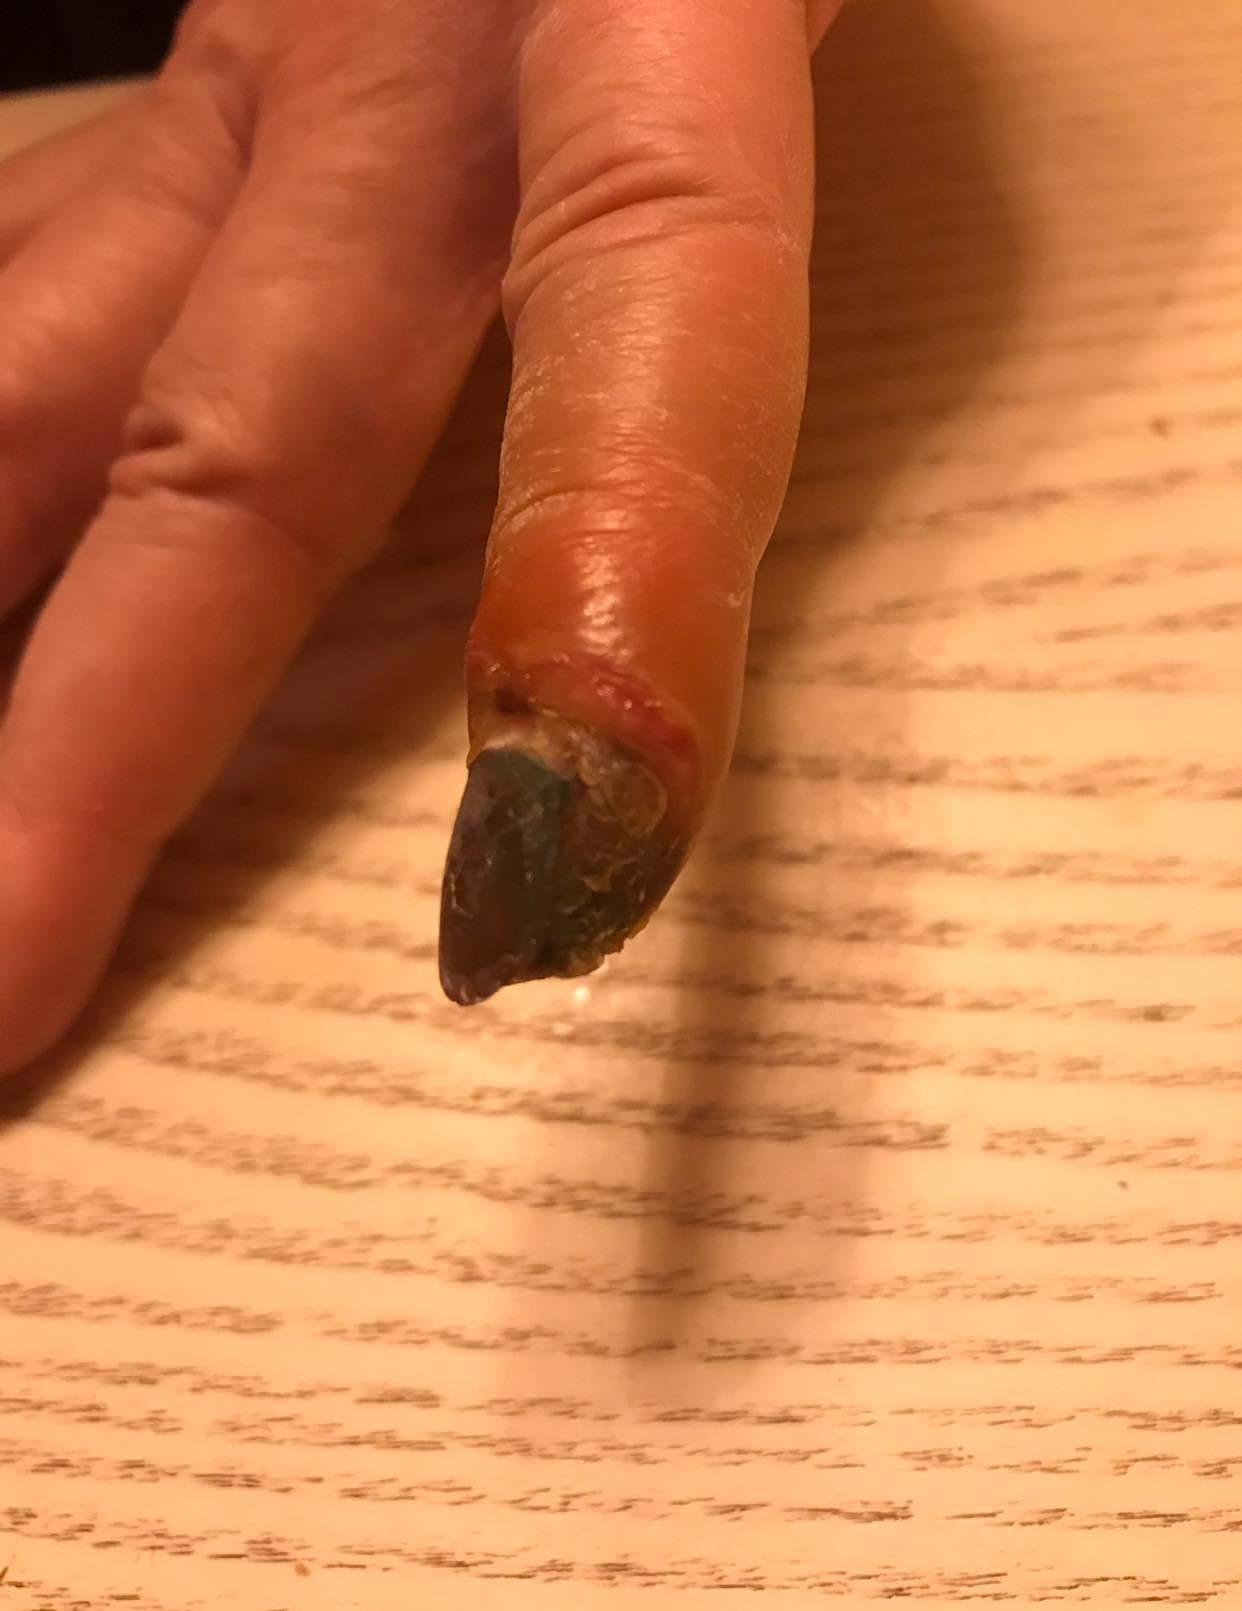 Удаляла бородавки, а за малым чуть не лишилась пальца: В Виннице дерматолог искалечила женщину (фото 18+)